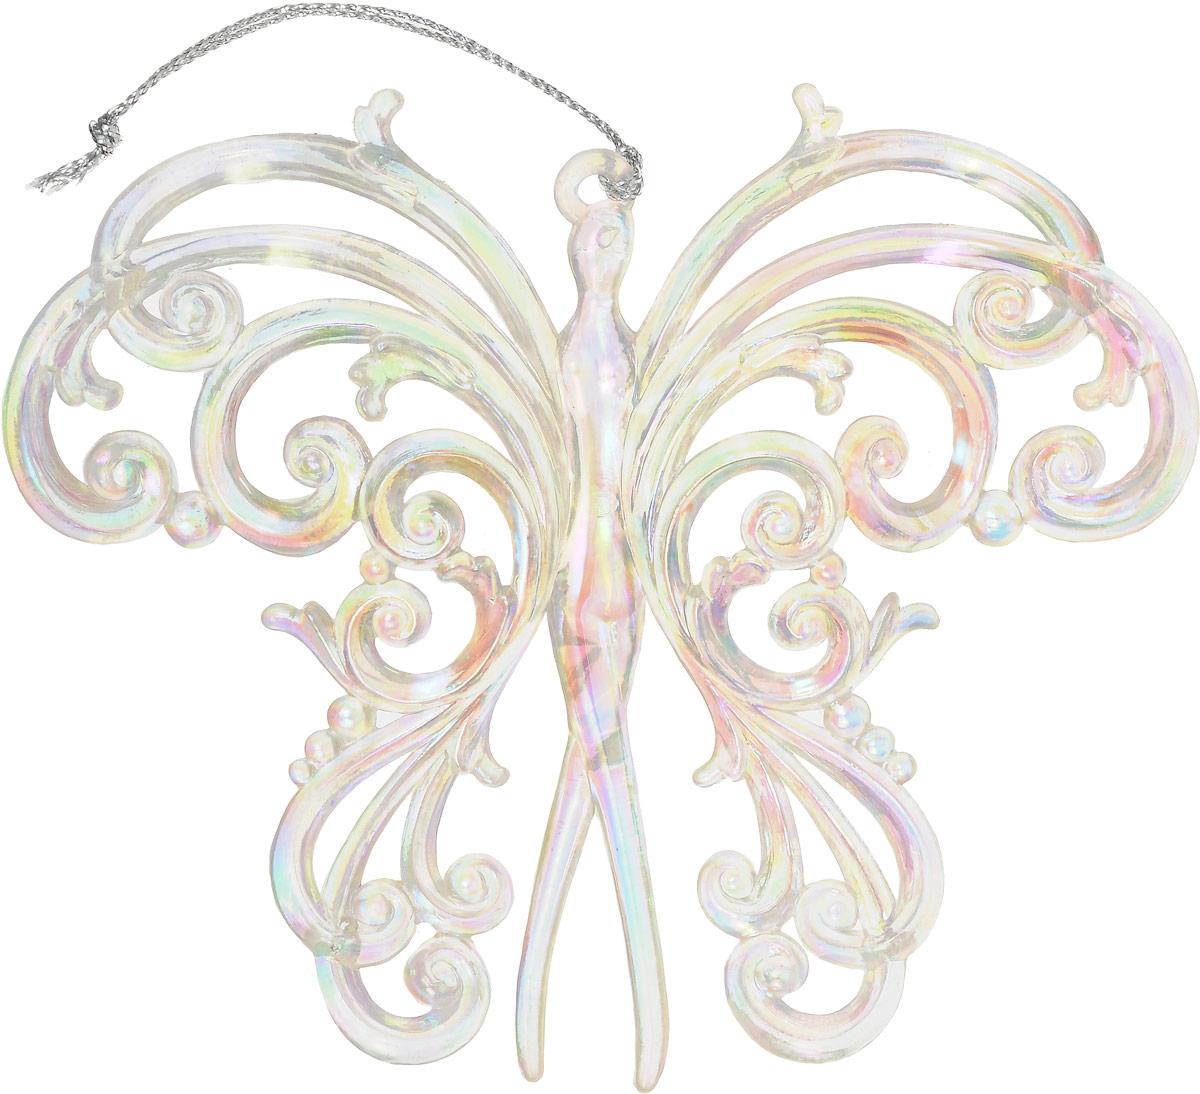 Украшение новогоднее подвесное Magic Time Кружевная бабочка, длина 10,8 см. 7597275972Новогоднее подвесноеукрашение Magic Time Кружевная бабочка отлично подойдет для декорации новогодней ели. Игрушка изготовлена из полистирола.Создайте в своем доме атмосферу веселья и радости, украшая всей семьей новогоднюю елку нарядными игрушками, которые будут из года в год накапливать теплоту воспоминаний.Размеры украшения: 10,8 х 4 х 1 см.